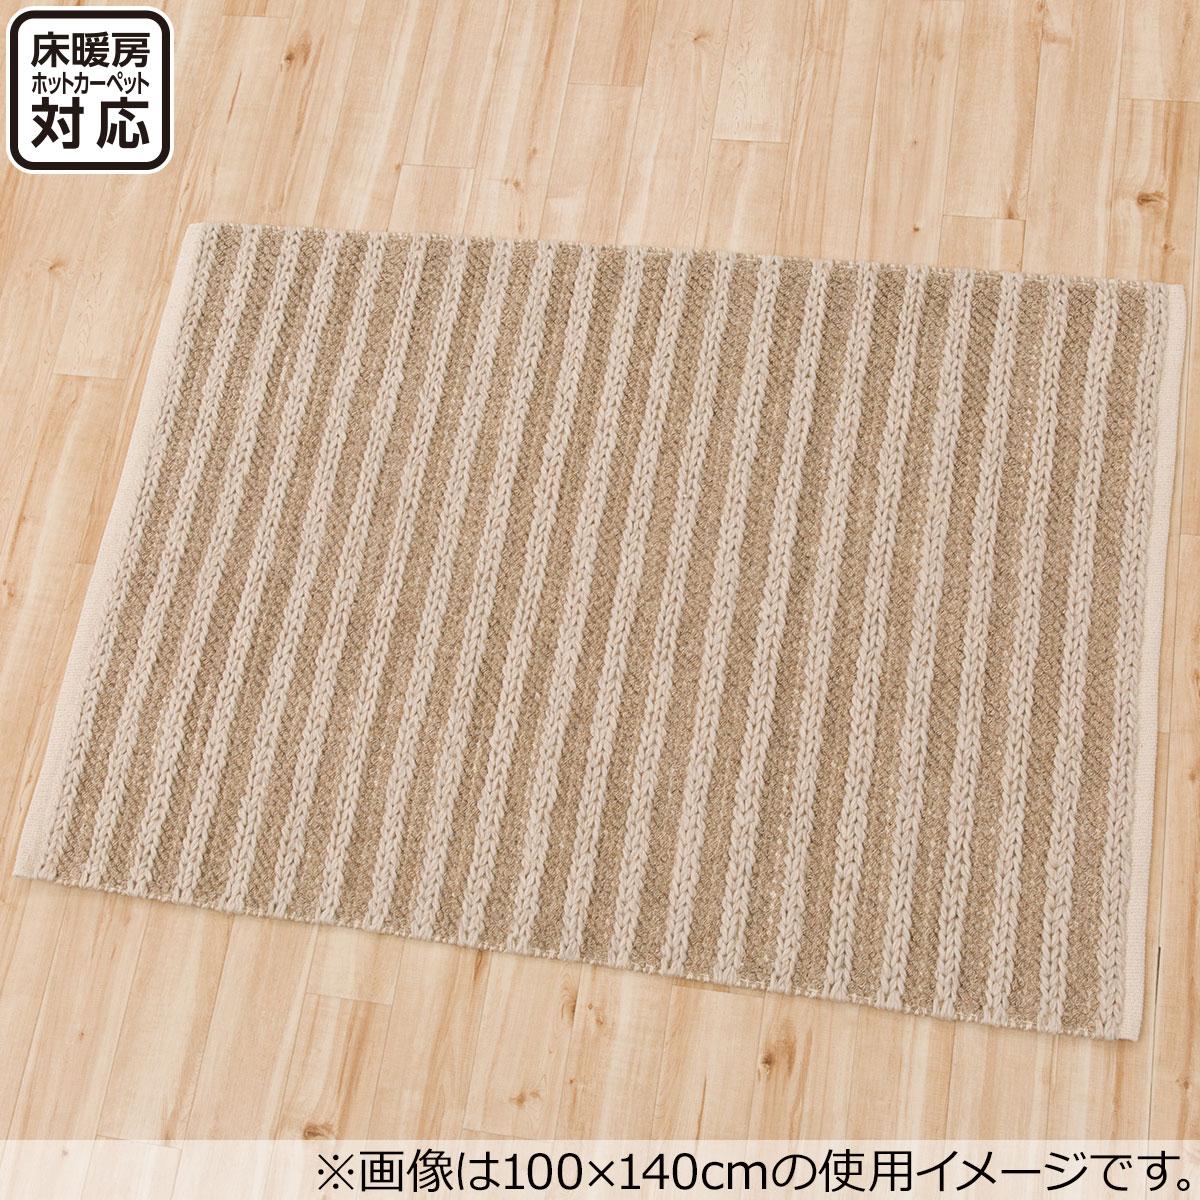 アクセントラグ(アルチ 140X200) ニトリ 【玄関先迄納品】 【1年保証】